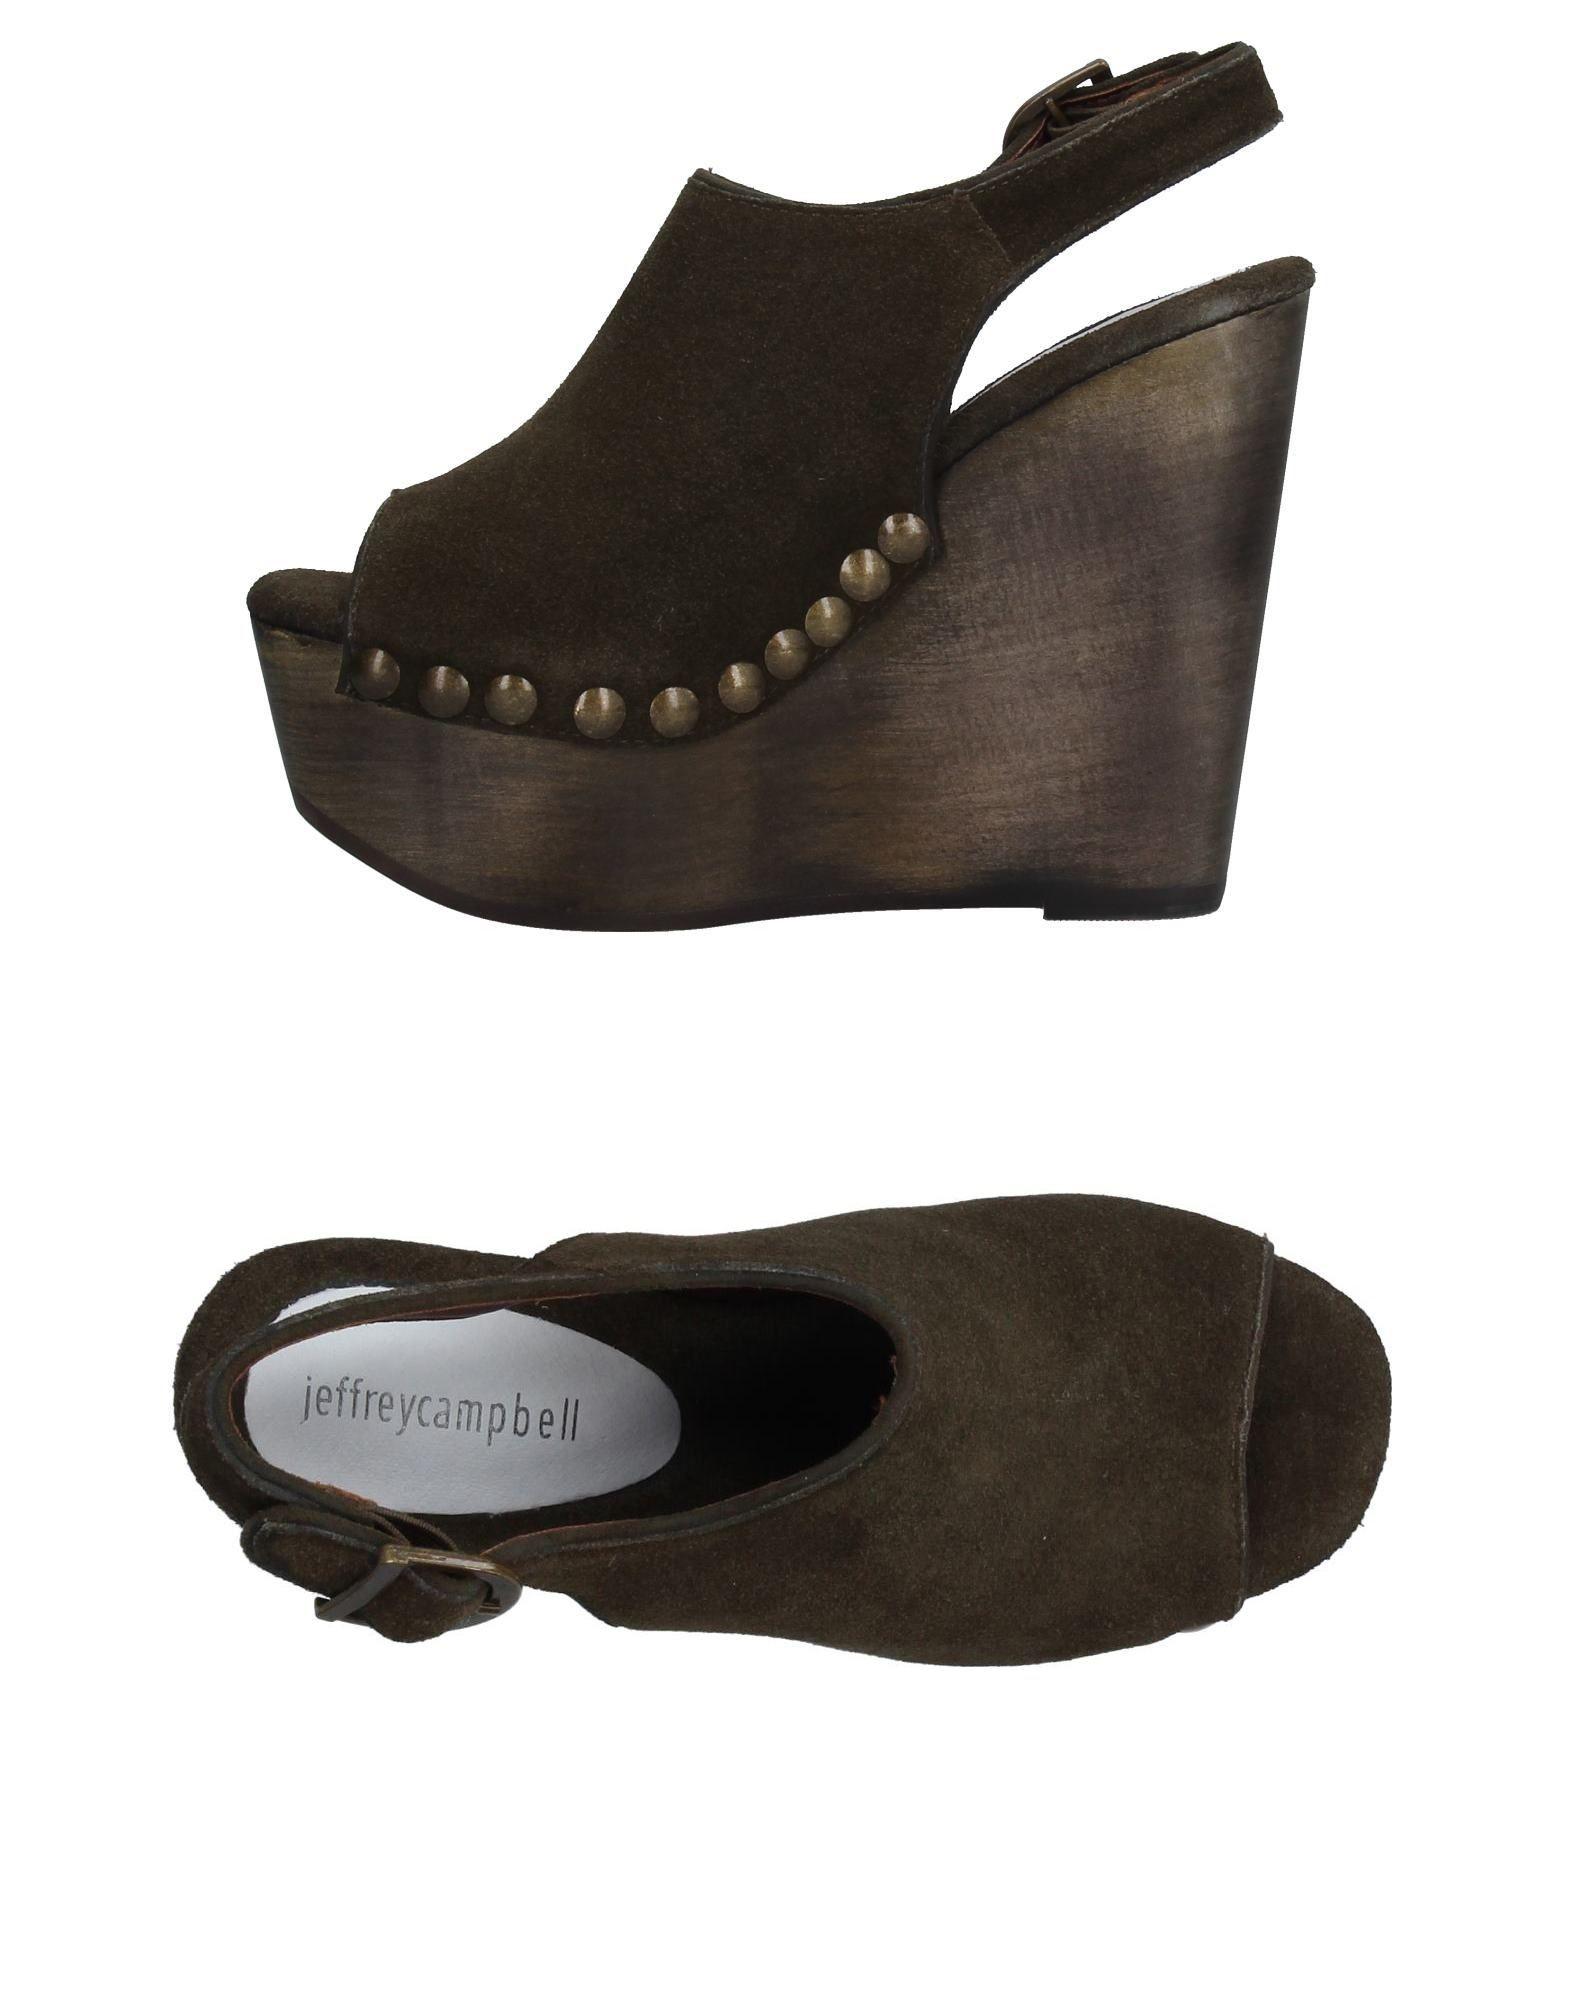 Jeffrey Campbell Sandalen Damen  11274278DB Gute Qualität beliebte Schuhe